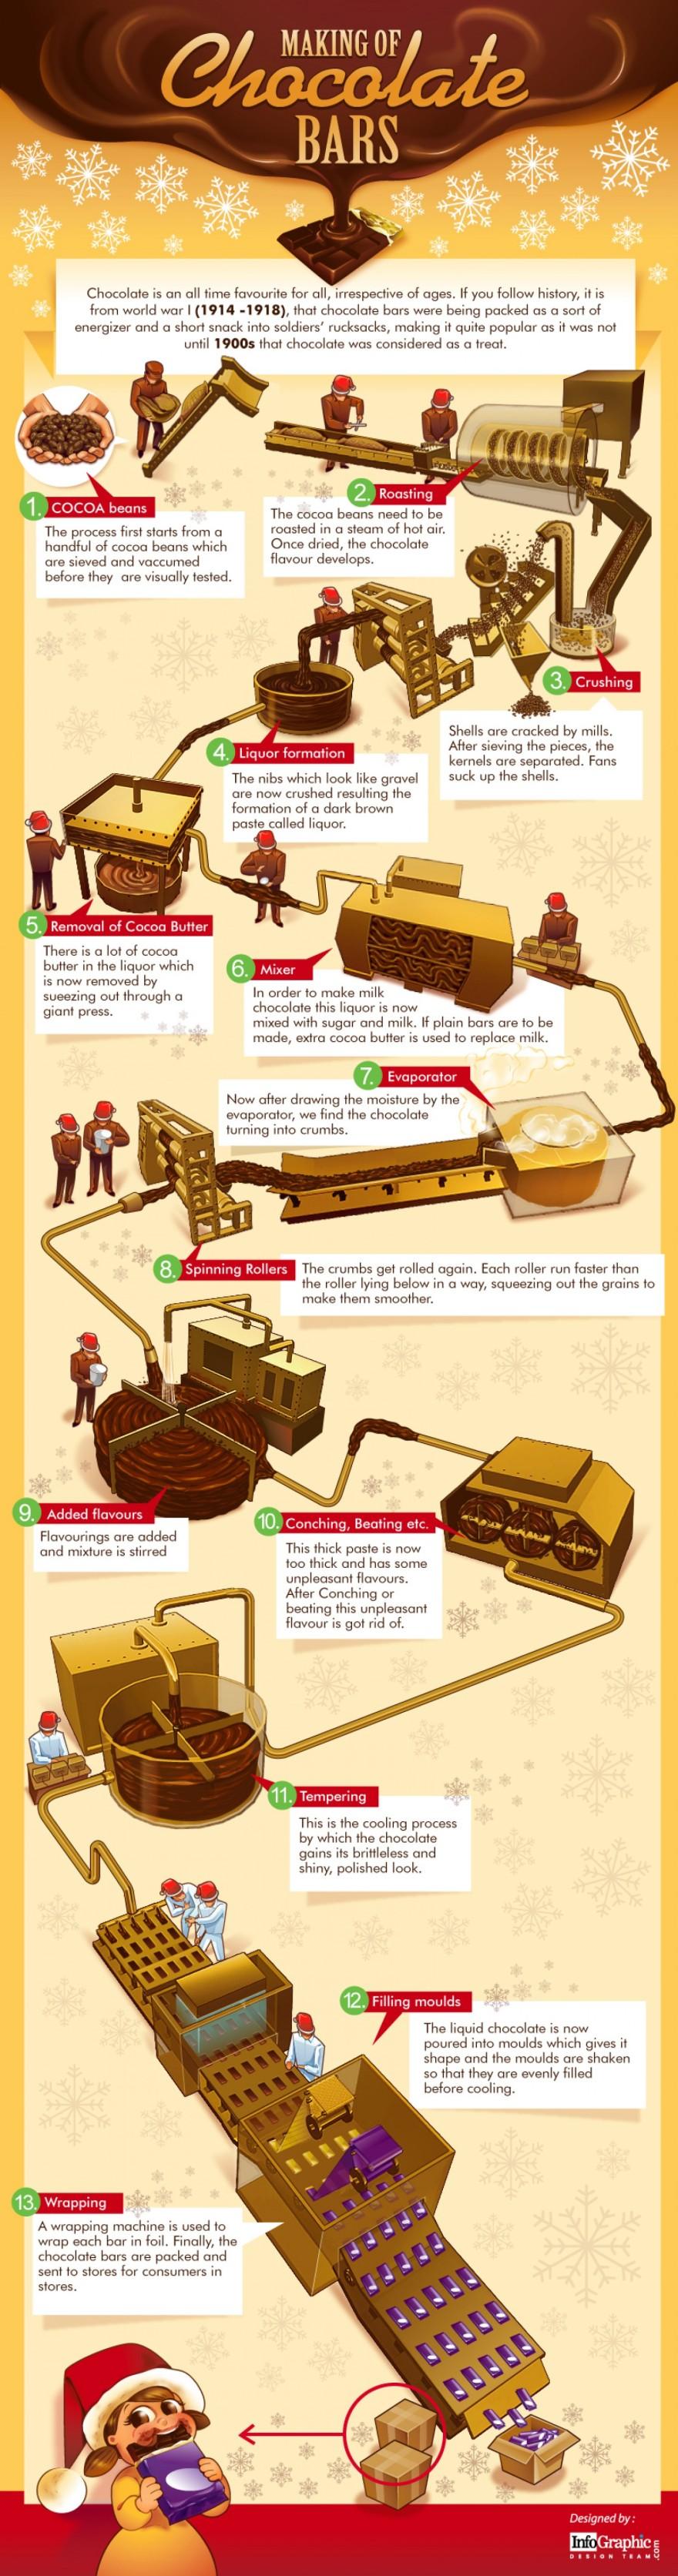 making-of-chocolate-bars